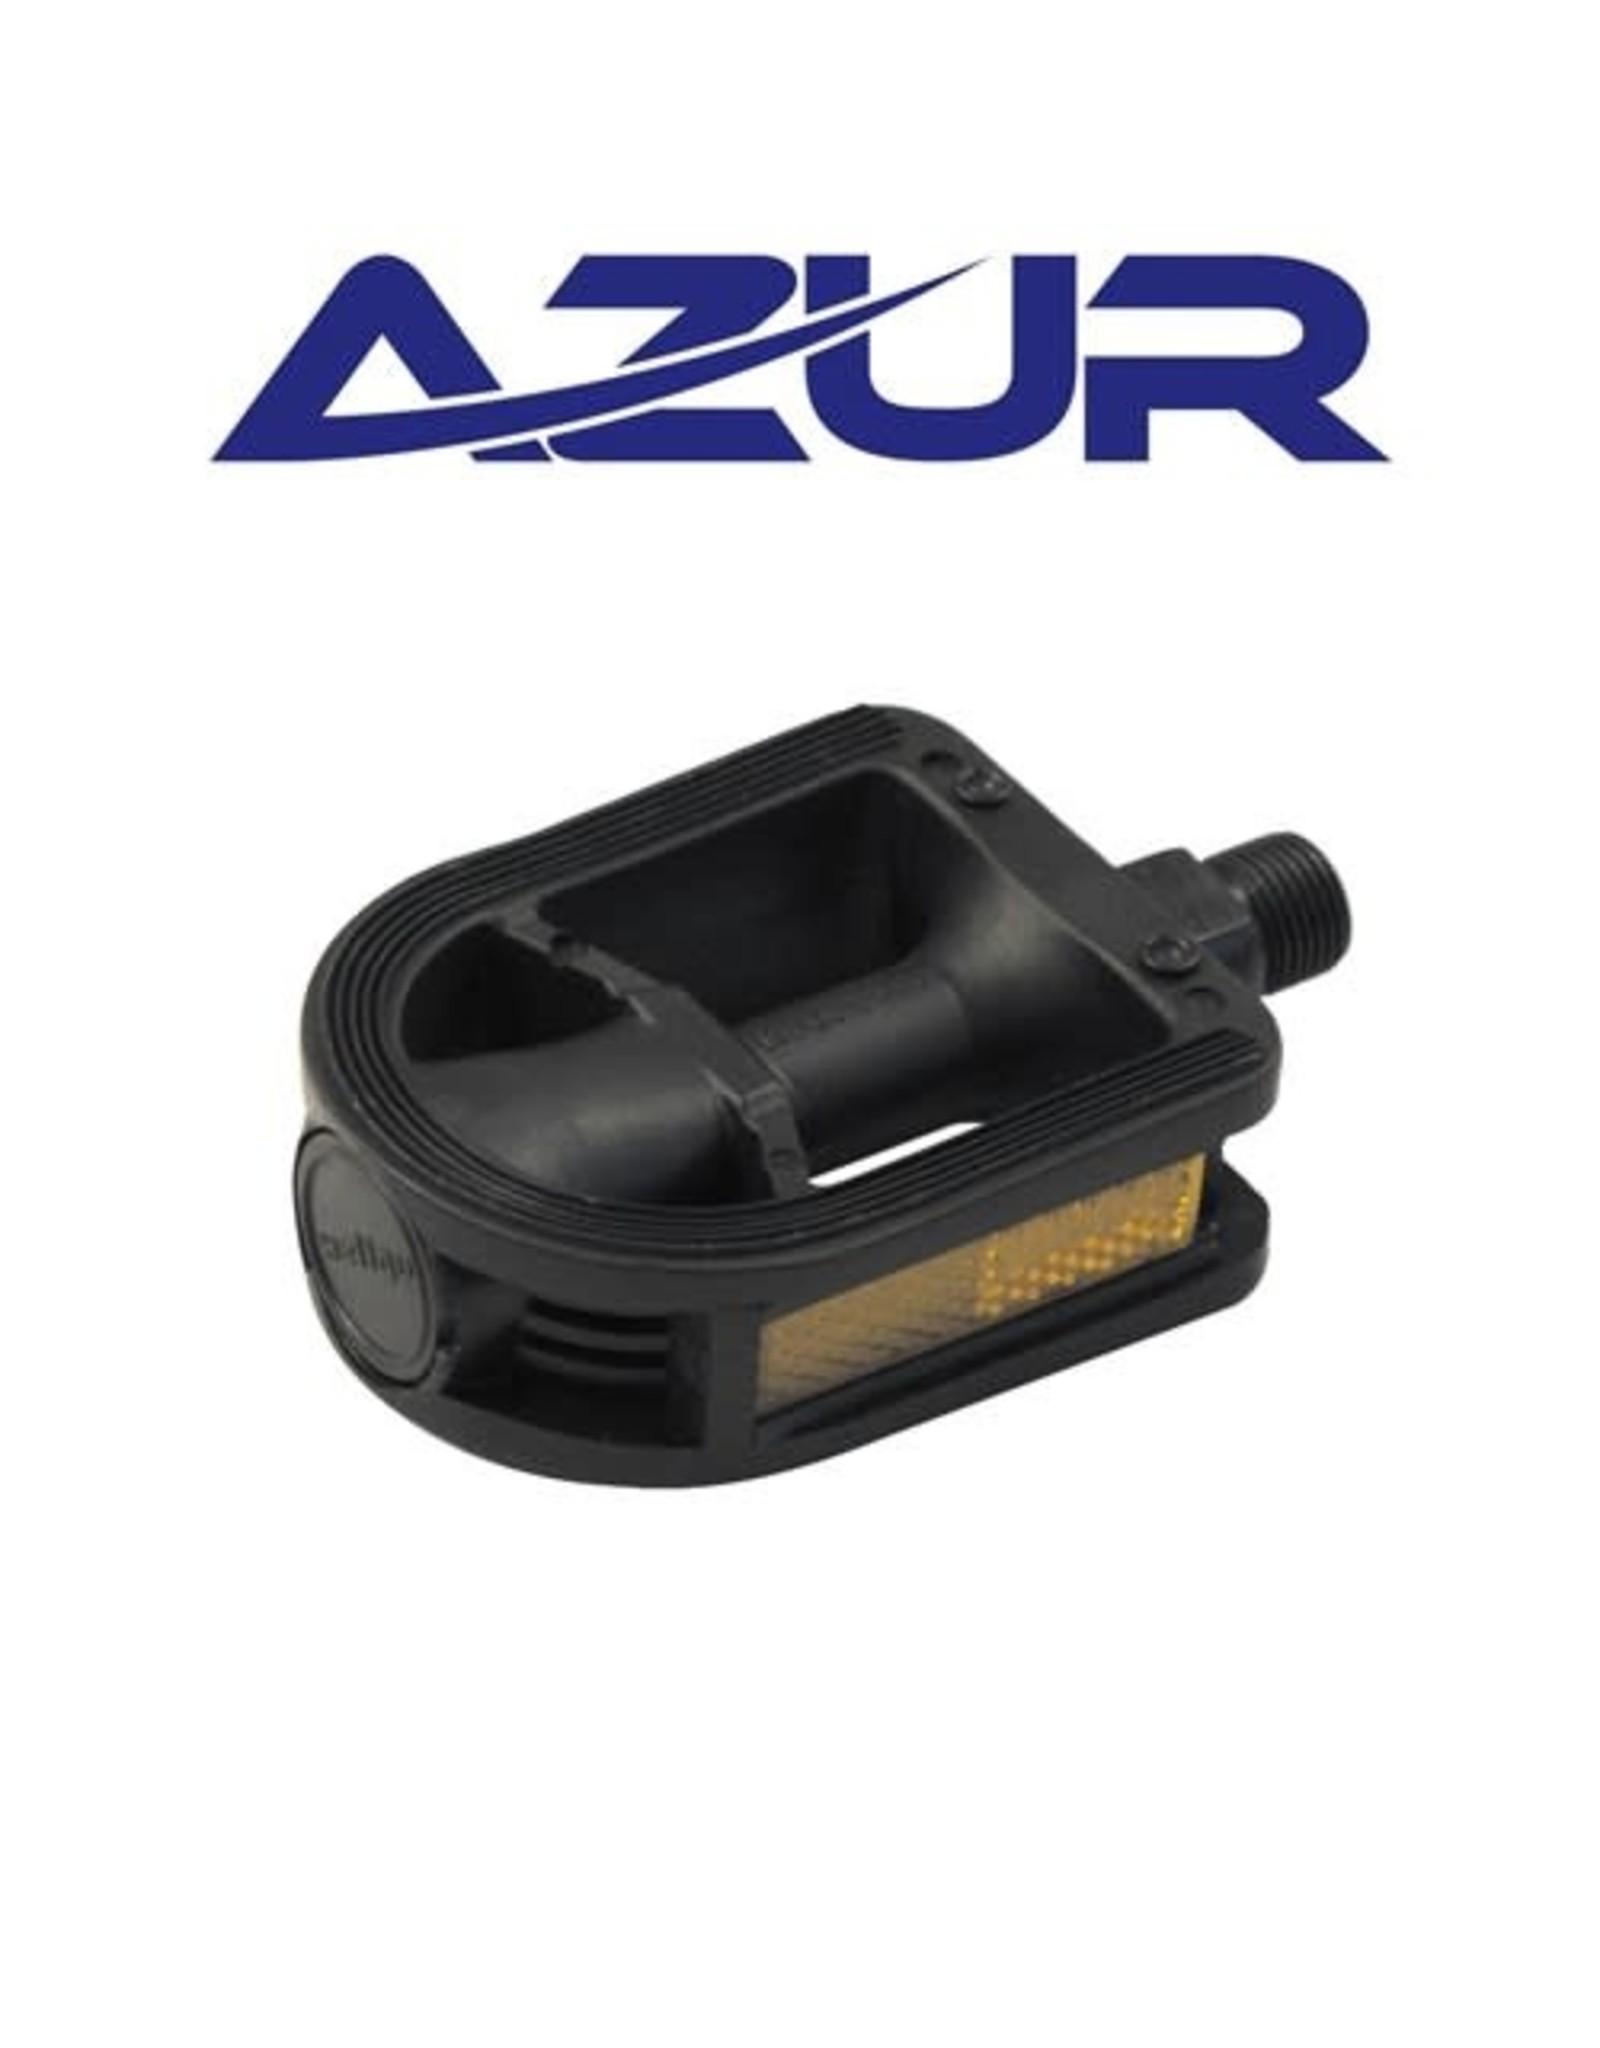 AZUR Junior Pedal Black 1/2 inch